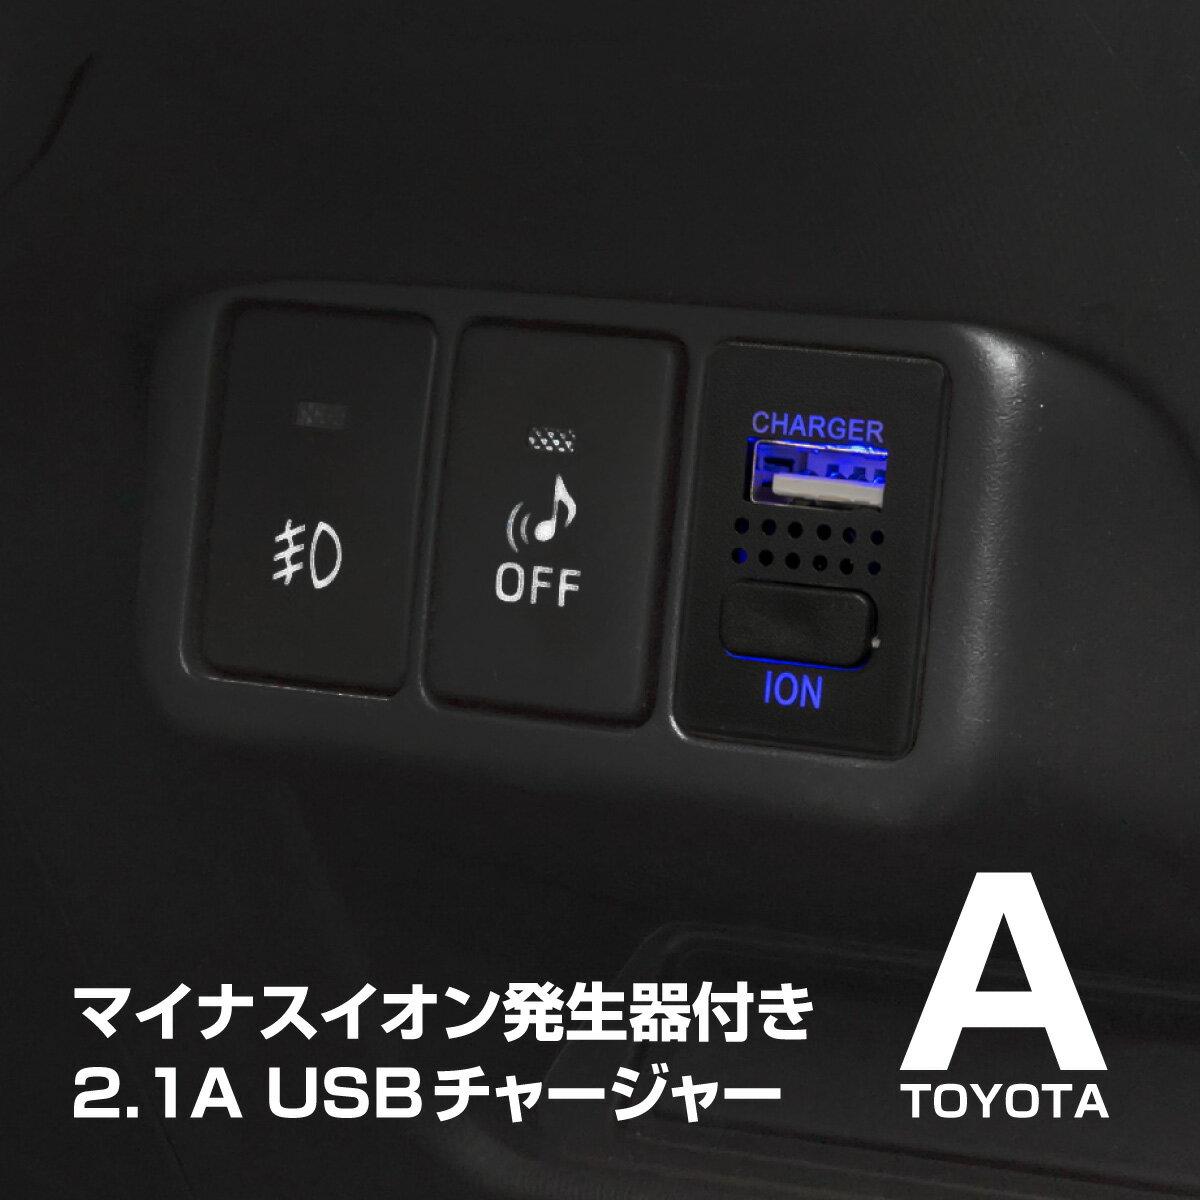 日産 デイズ 純正スイッチポート用 USBチャージャー 充電 空気清浄機能 消臭 LED/ブルー スマホ 車 あす楽対応 _59961v